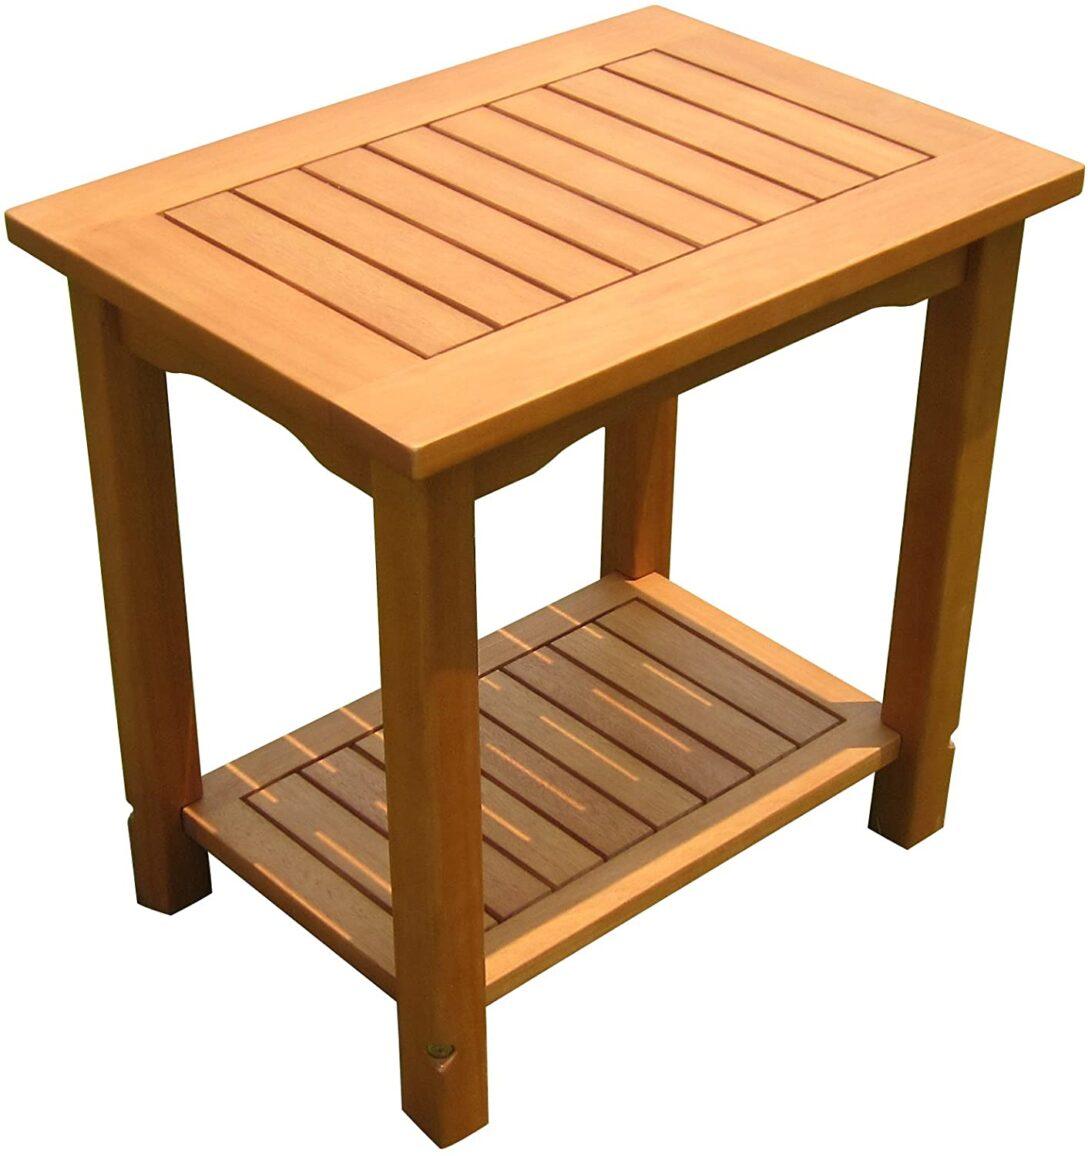 Large Size of Gartentisch Klappbar Holz Amazonde Beistelltisch Tisch Holztisch Fsc Holzhaus Kind Garten Massivholz Regal Betten Esstisch Bett Bad Unterschrank Schlafzimmer Wohnzimmer Gartentisch Klappbar Holz